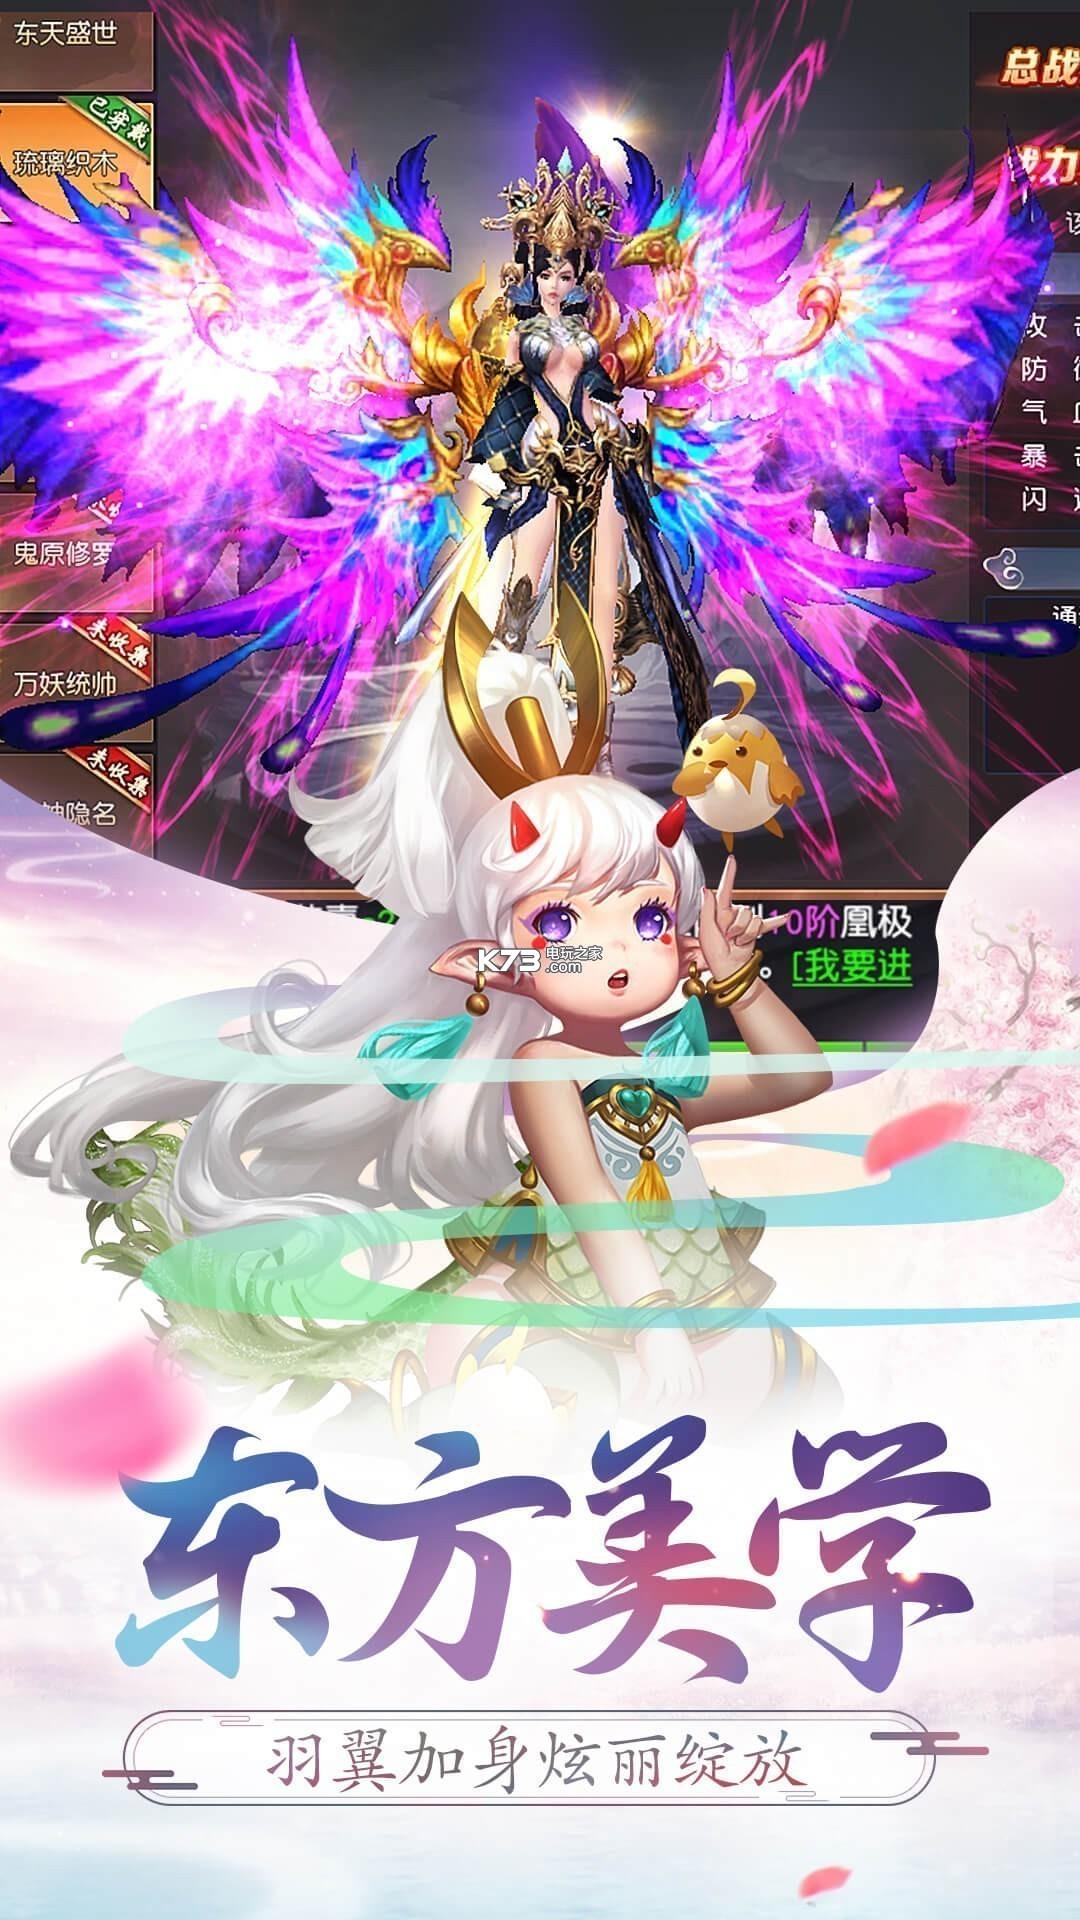 荣耀西游 v1.0.0 精选版下载 截图